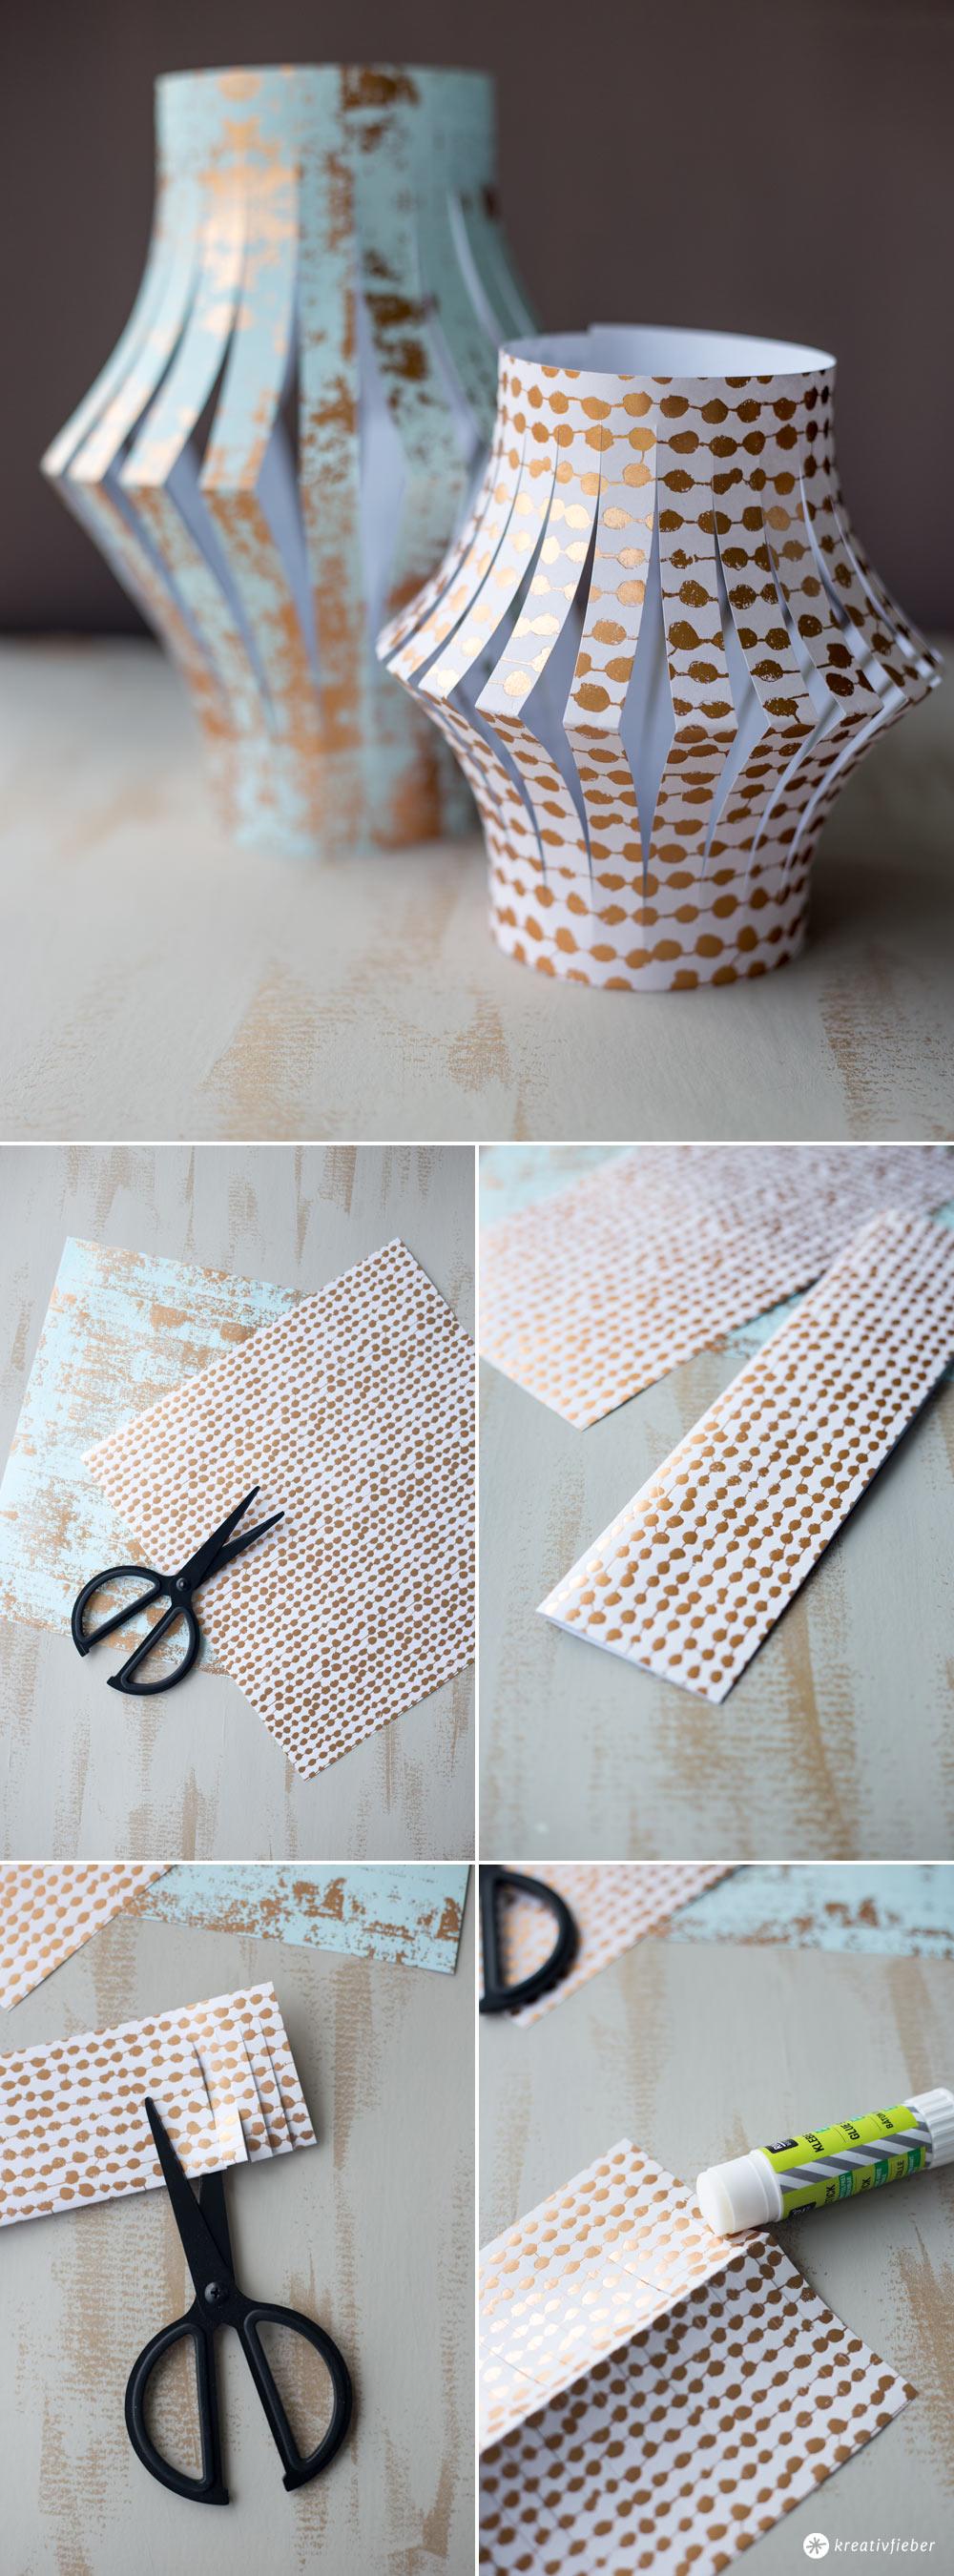 DIY Papierlaternen für den Balkon selbermachen - Schritt für Schritt Anleitung auf Kreativfieber